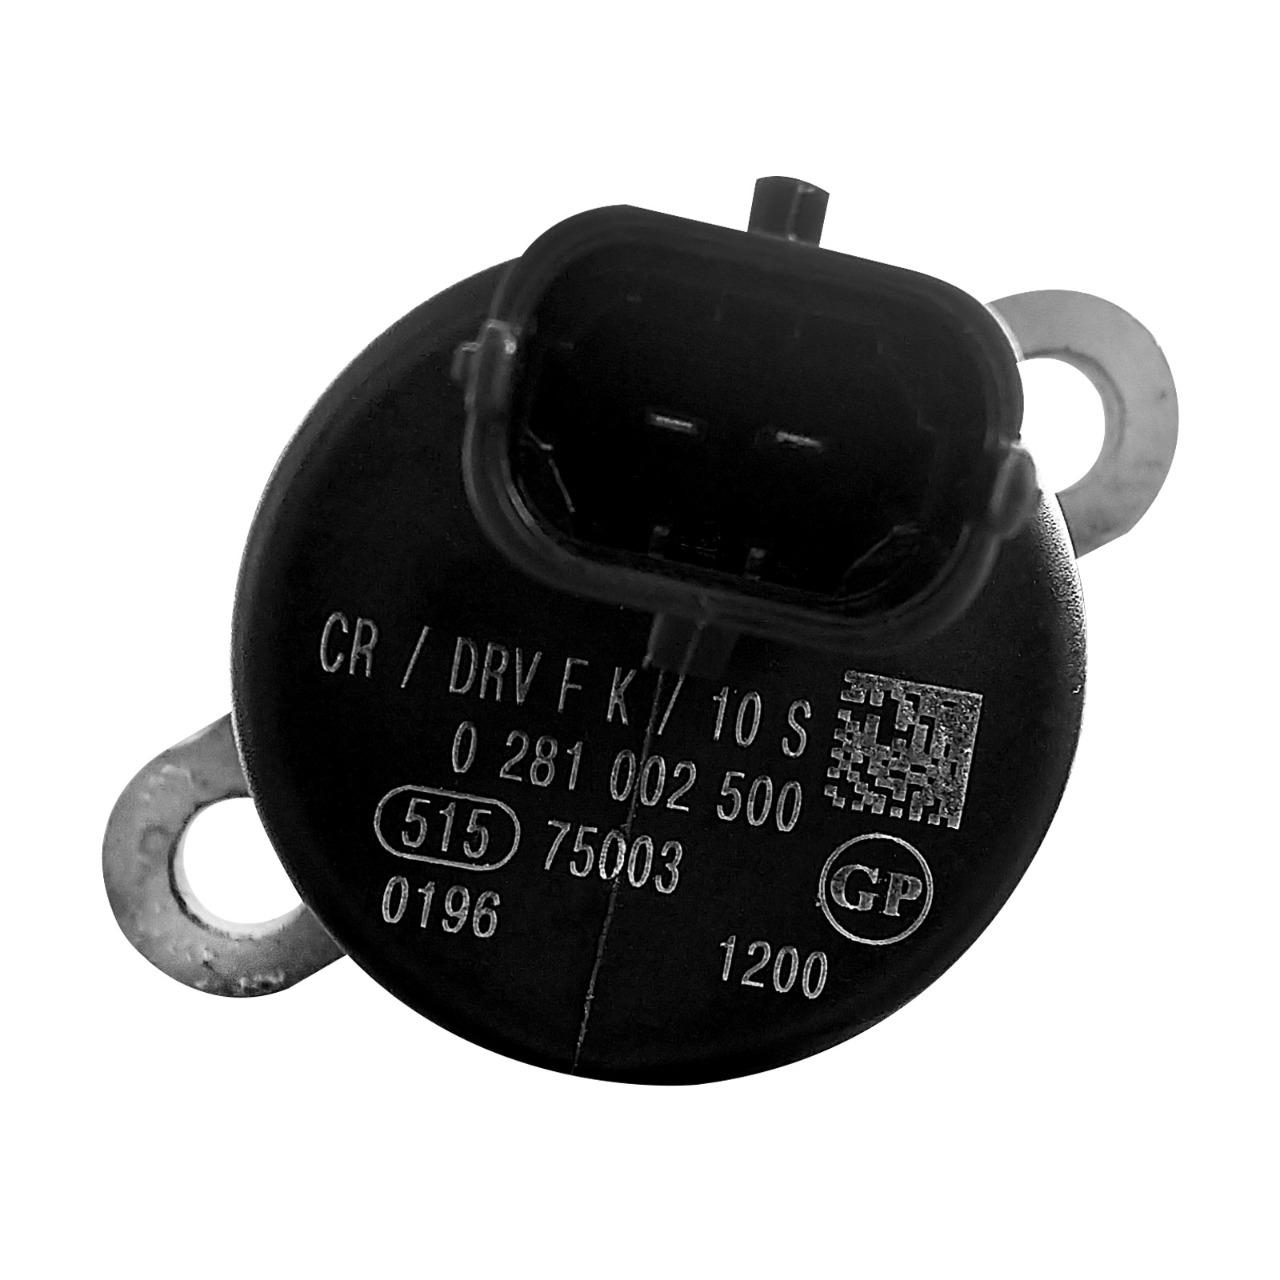 Válvula Reguladora de Pressão  Ducato / Iveco Daily 2.8 8V Ano 2000 a  2009 Nova Genuine  Parts 0281002500